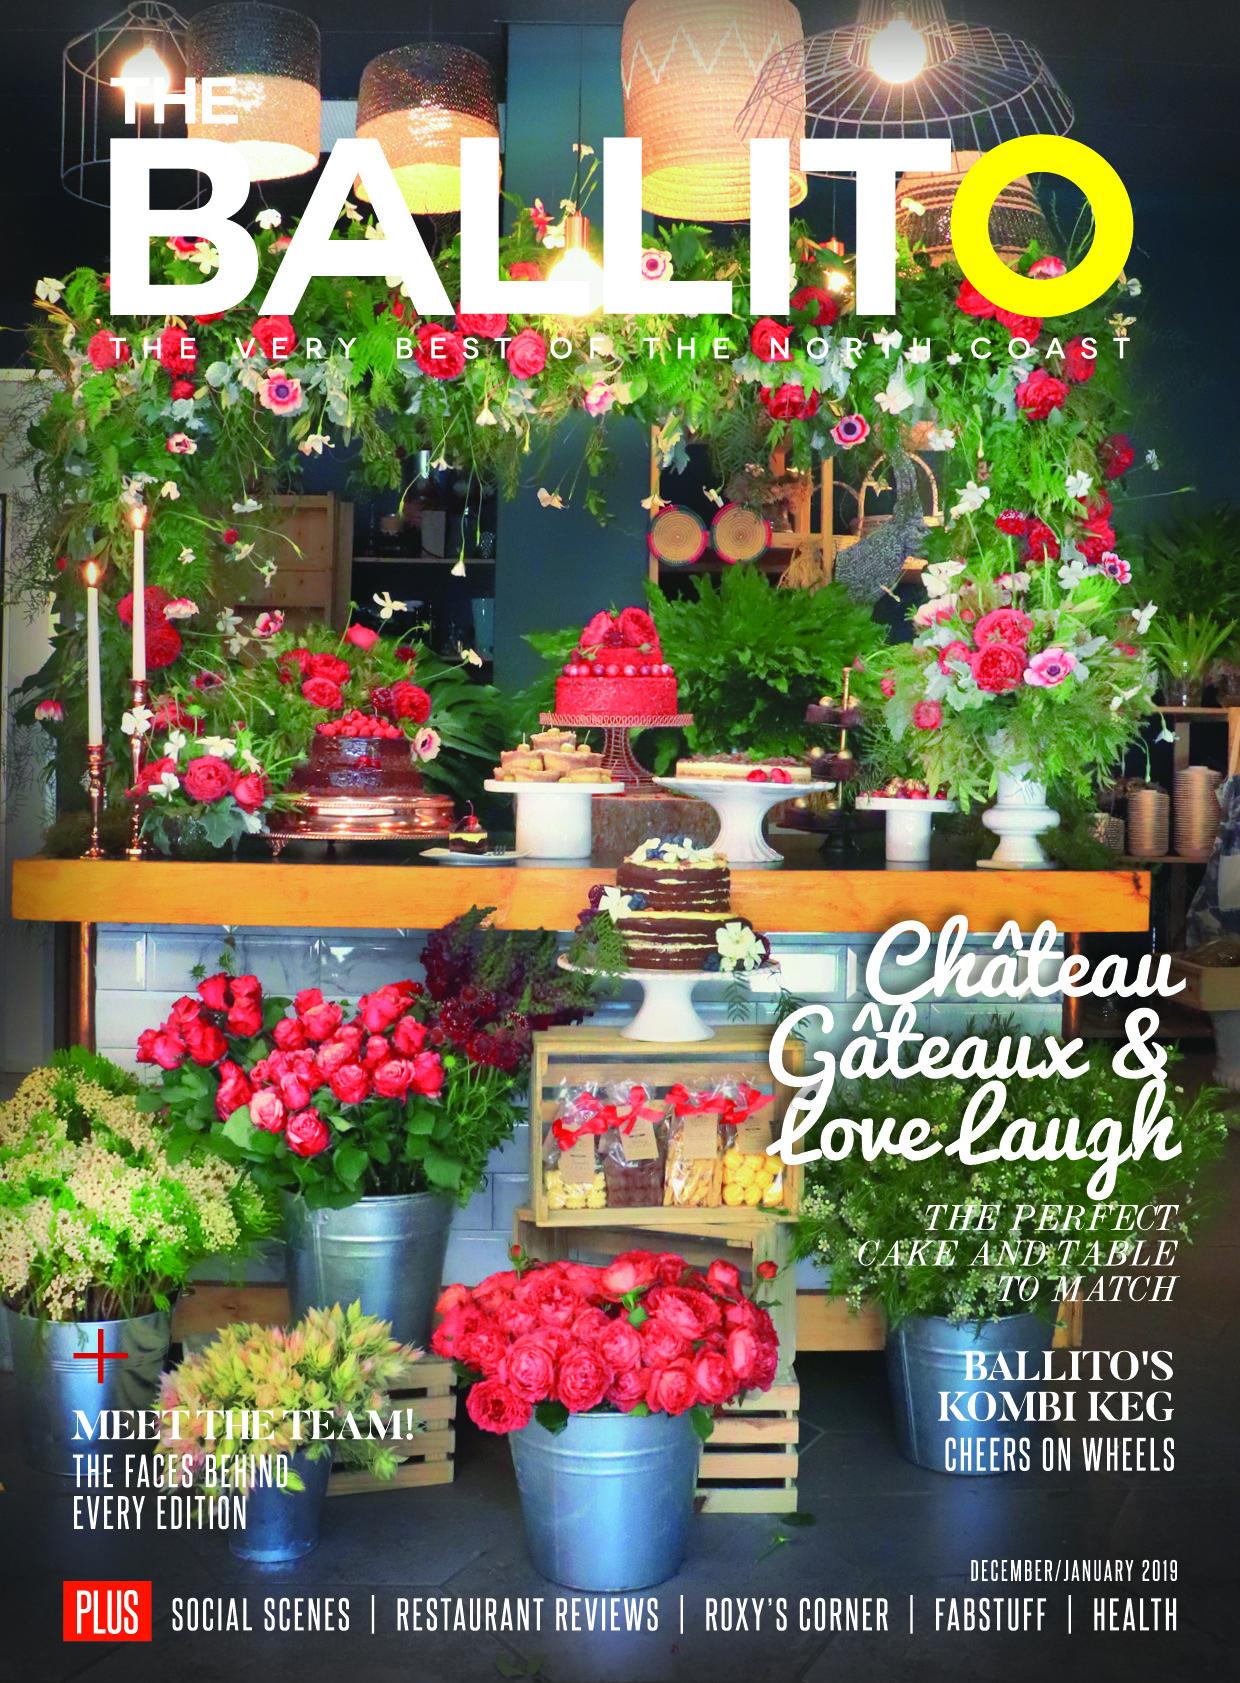 https://www.theumhlangamagazine.co.za/wp-content/uploads/The-Ballito-Magazine-Edition-56.jpg